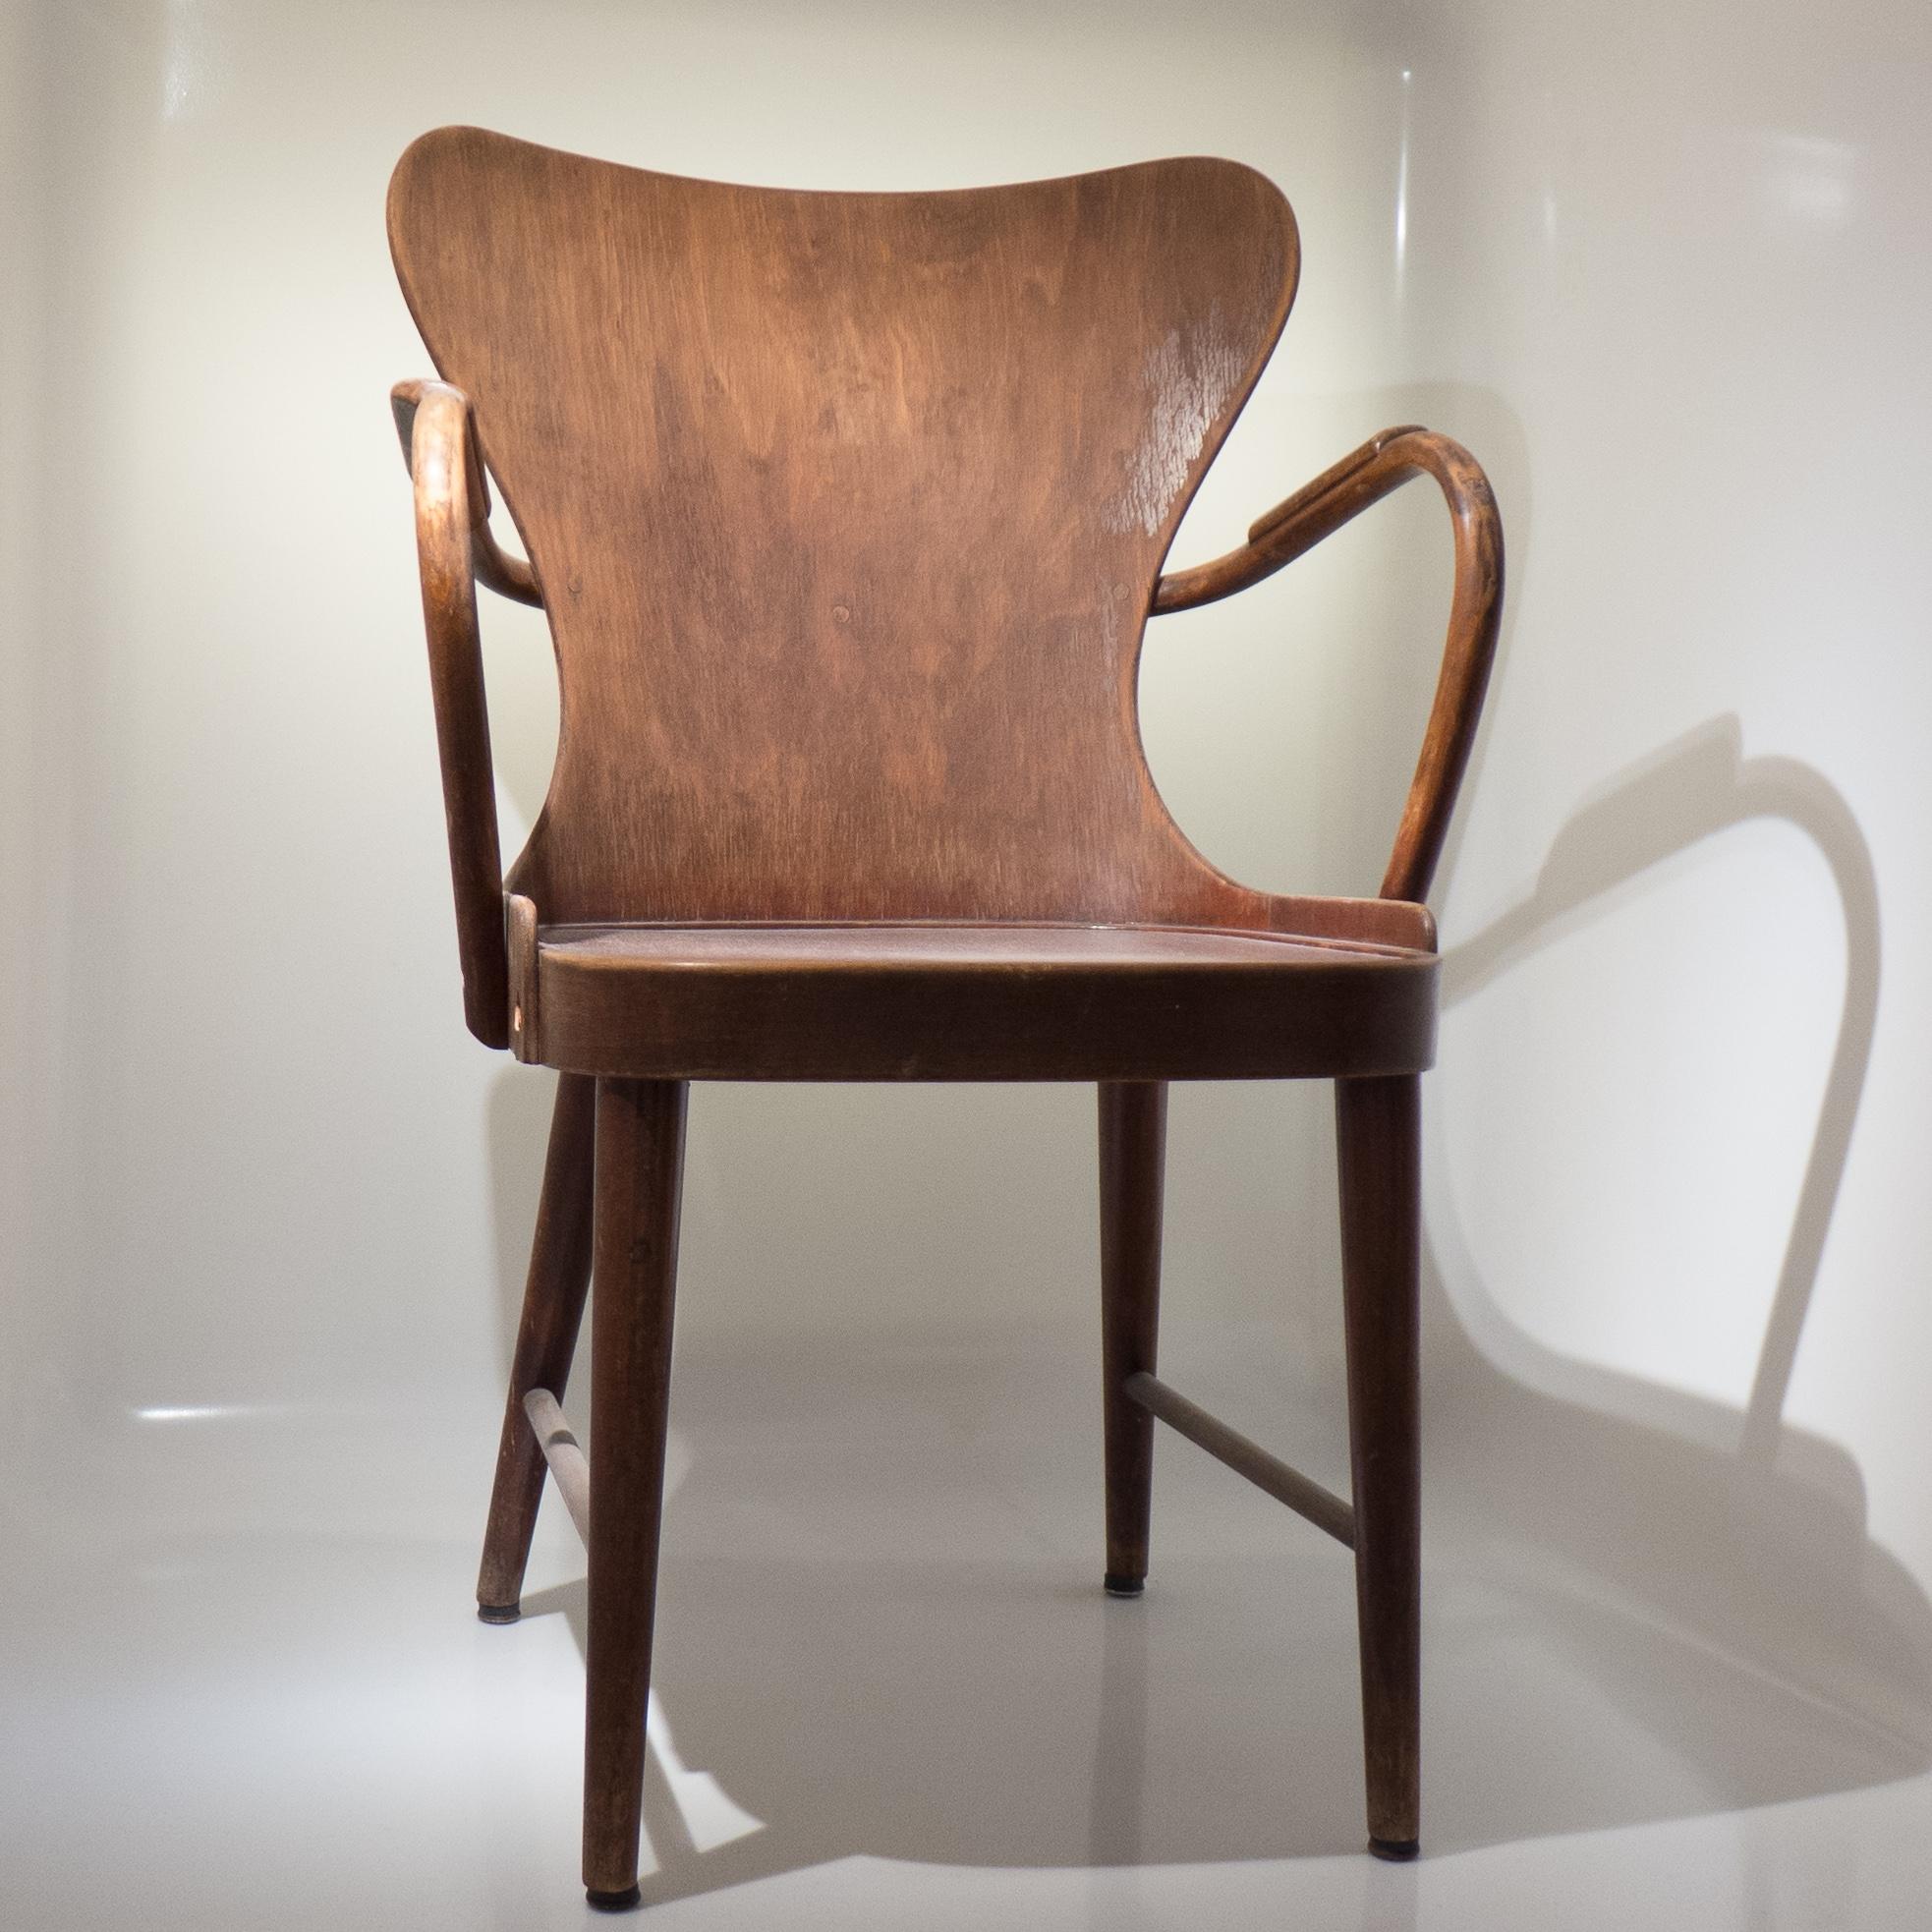 Chair by Søren Hansen 1943